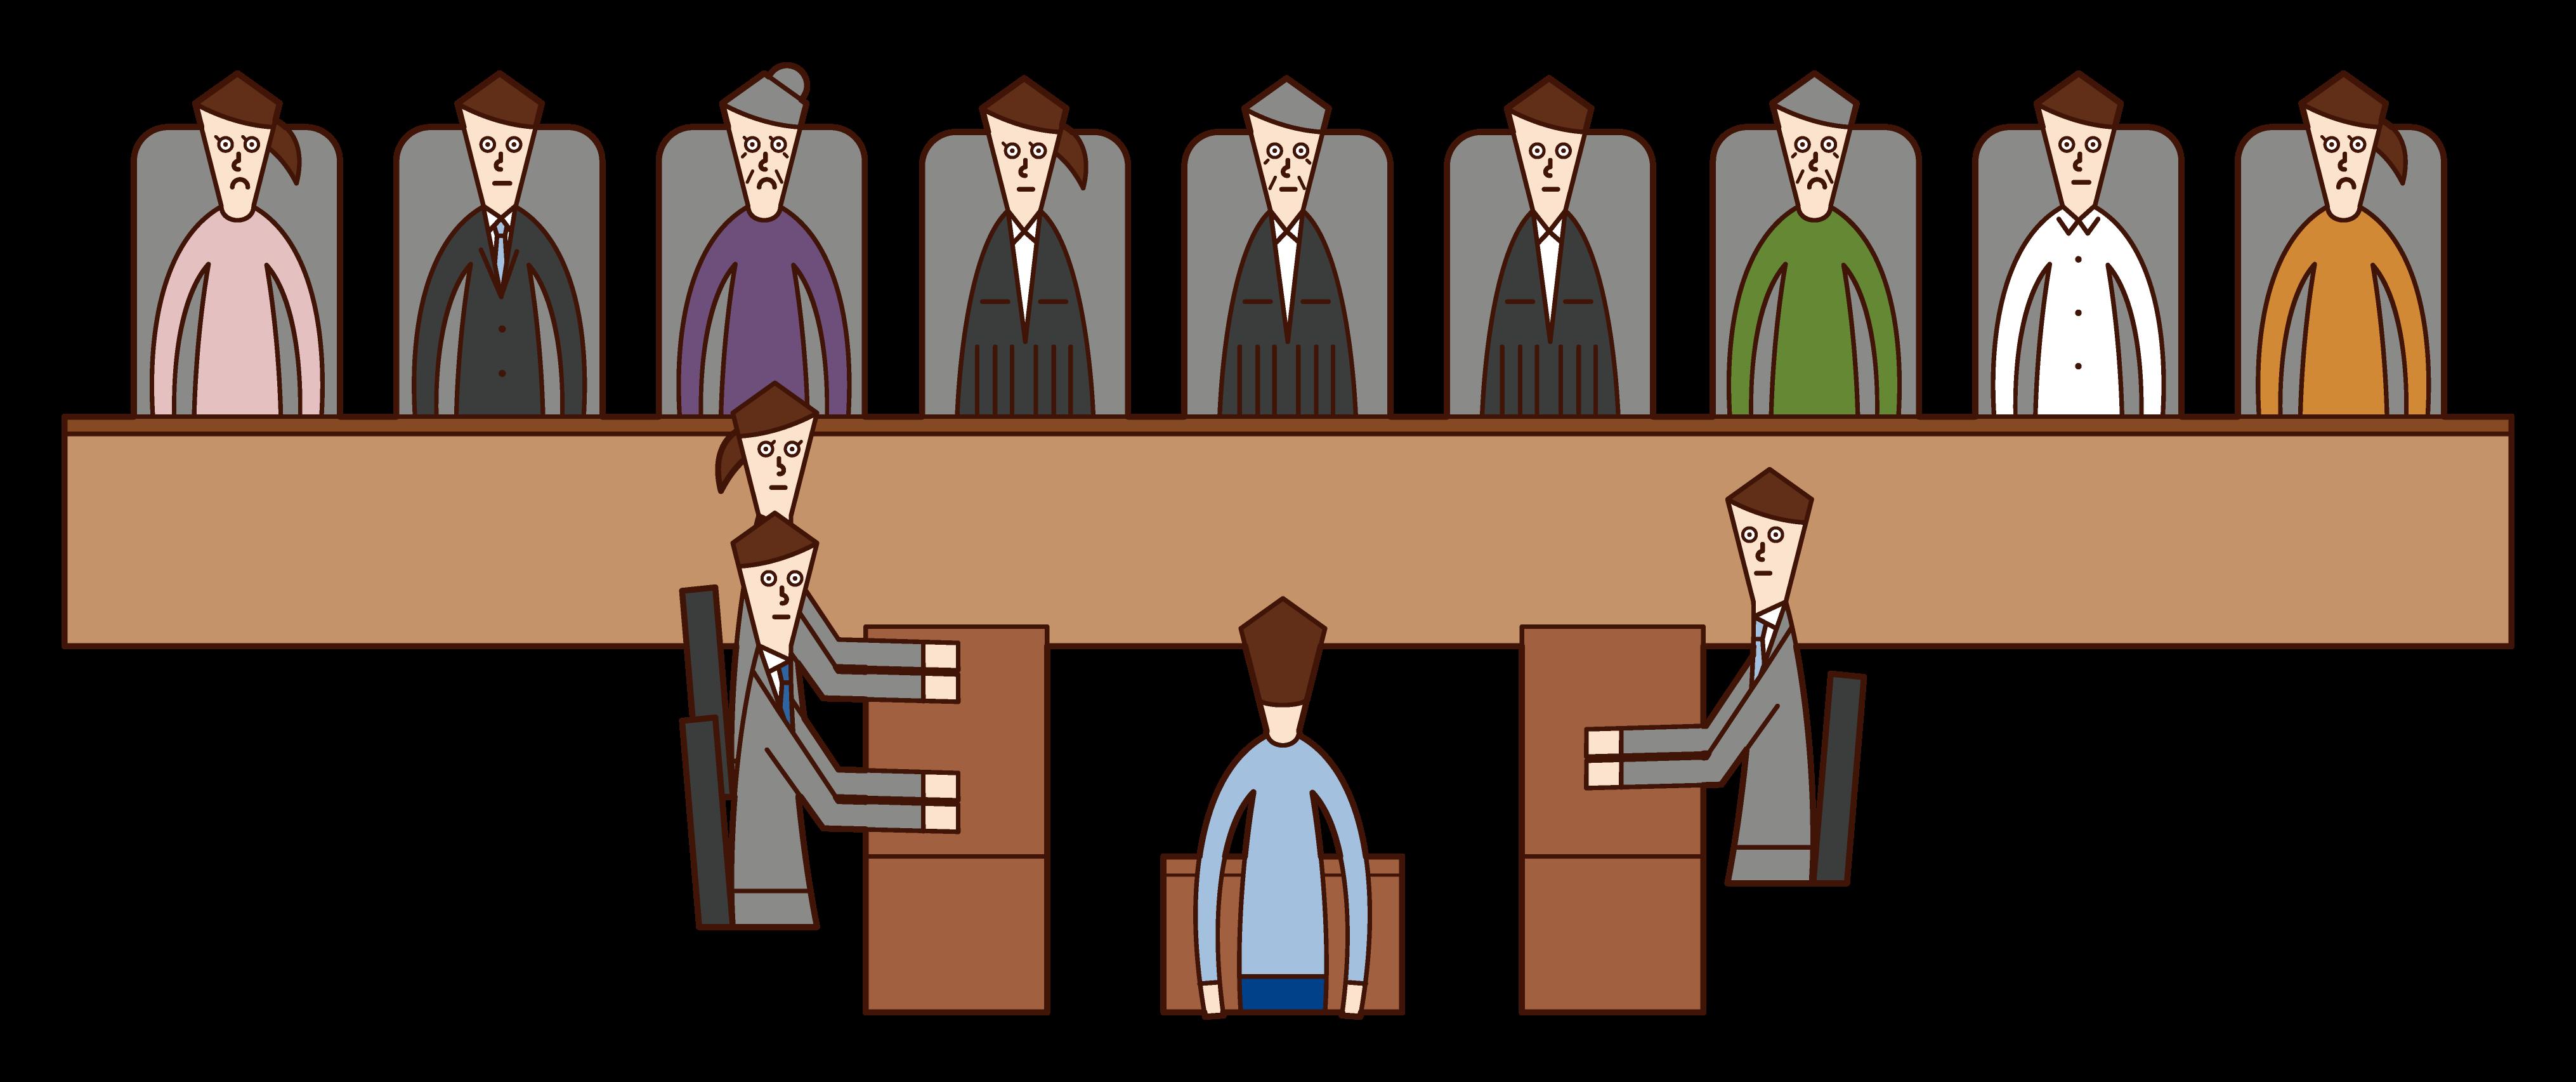 판사 제도의 삽화